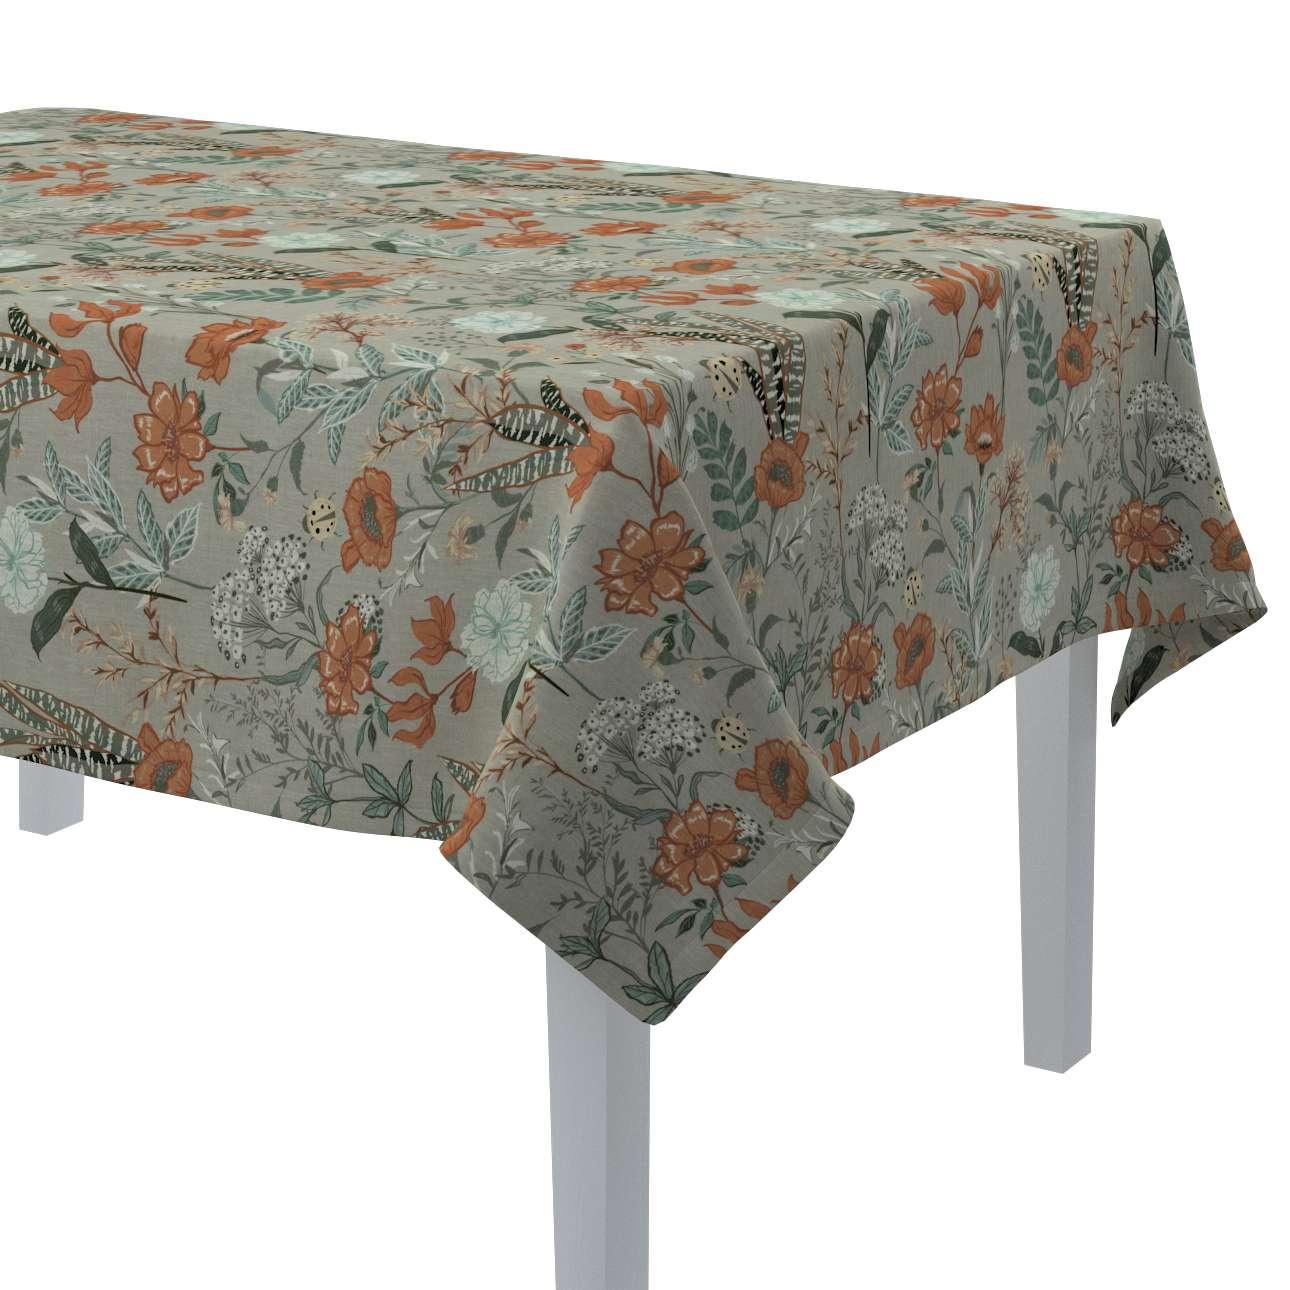 Rechthoekig tafelkleed van de collectie Flowers, Stof: 143-70